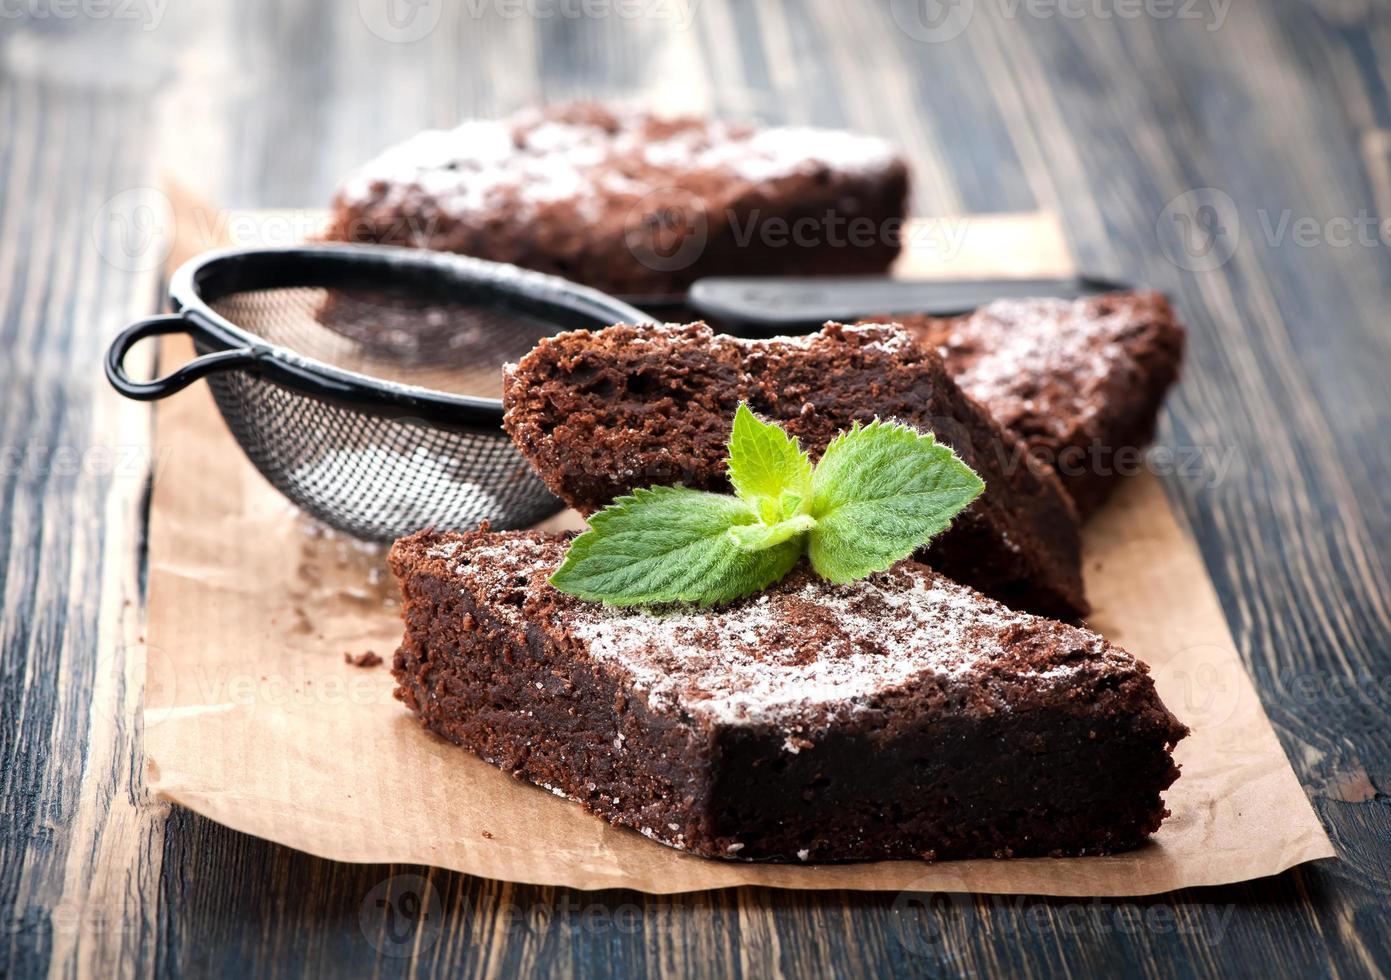 tårta choklad brownies foto